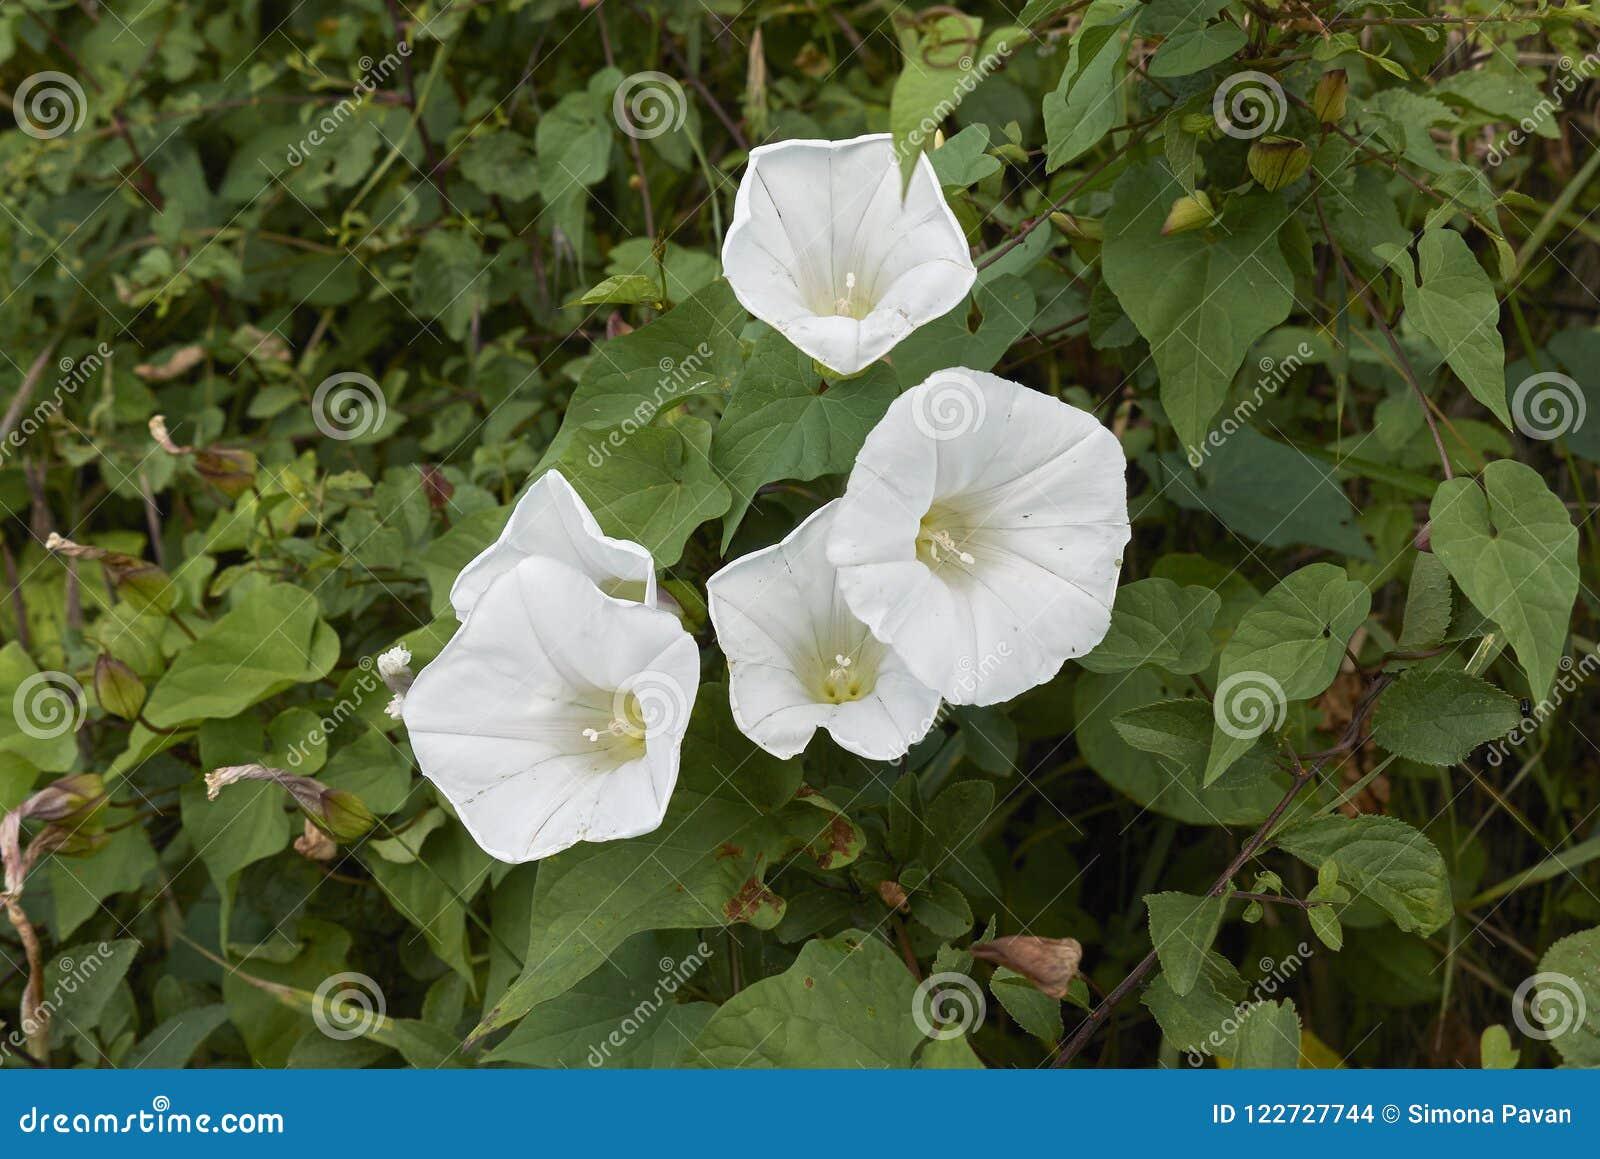 Flores blancas de las plantas del silvatica del Calystegia